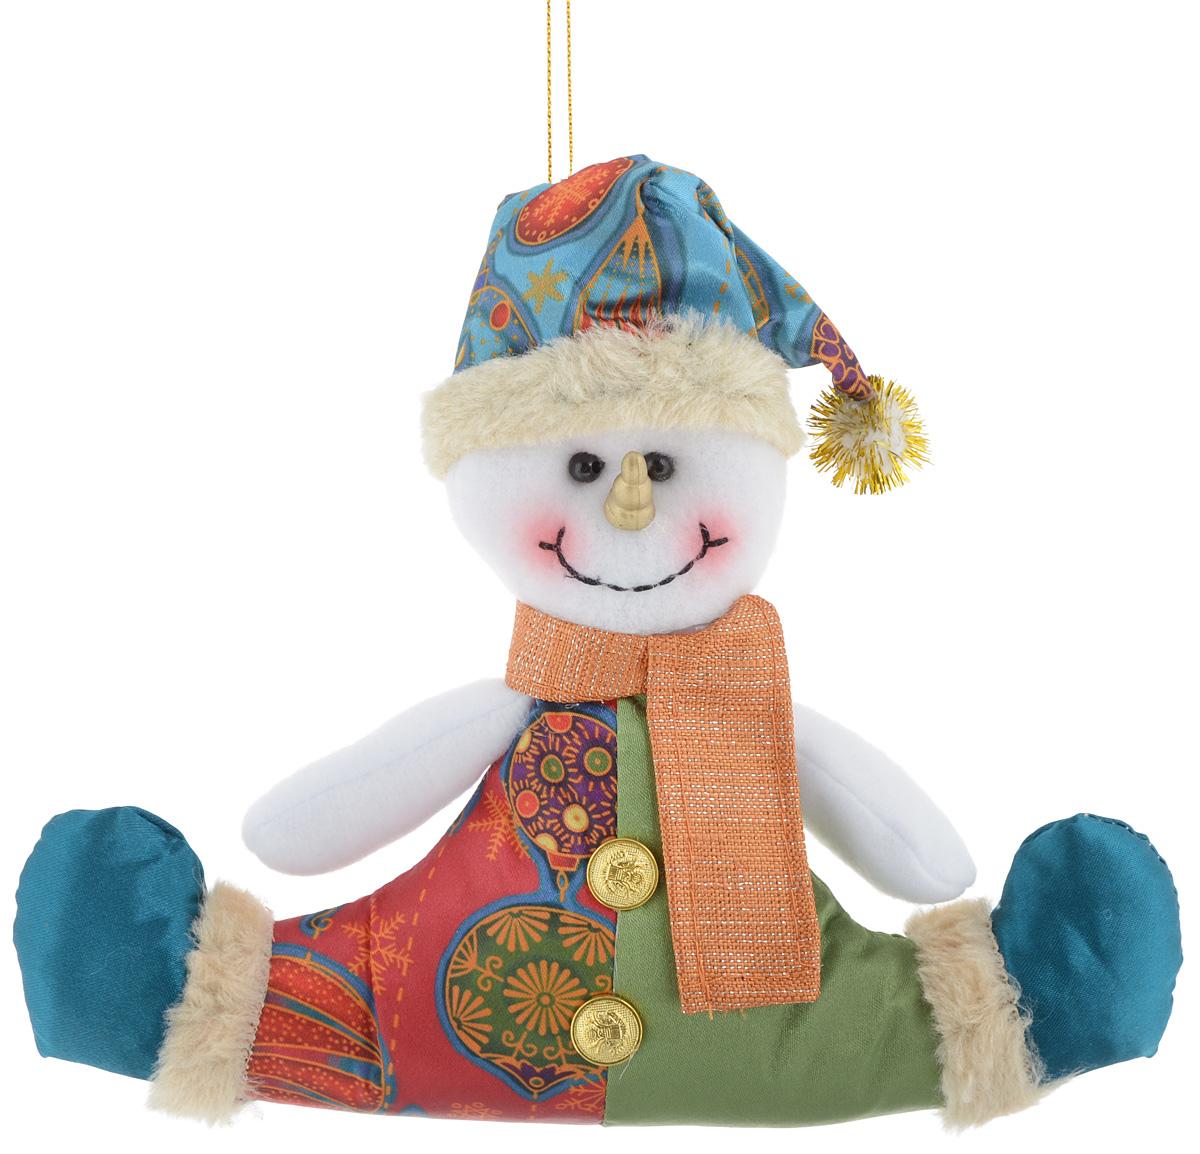 Украшение новогоднее подвесное Win Max Снеговик, 17 х 20,5 см175830Новогоднее подвесное украшение Win Max Снеговик, выполненное из синтепона и текстиля,прекрасно подойдет для праздничного декора дома. С помощью специальной петелькиукрашение можно подвесить в любом понравившемся вам месте.Новогодние украшения несут в себе волшебство и красоту праздника. Они помогут вам украситьдом к предстоящим праздникам и оживить интерьер по вашему вкусу. Создайте в домеатмосферу тепла, веселья и радости, украшая его всей семьей.